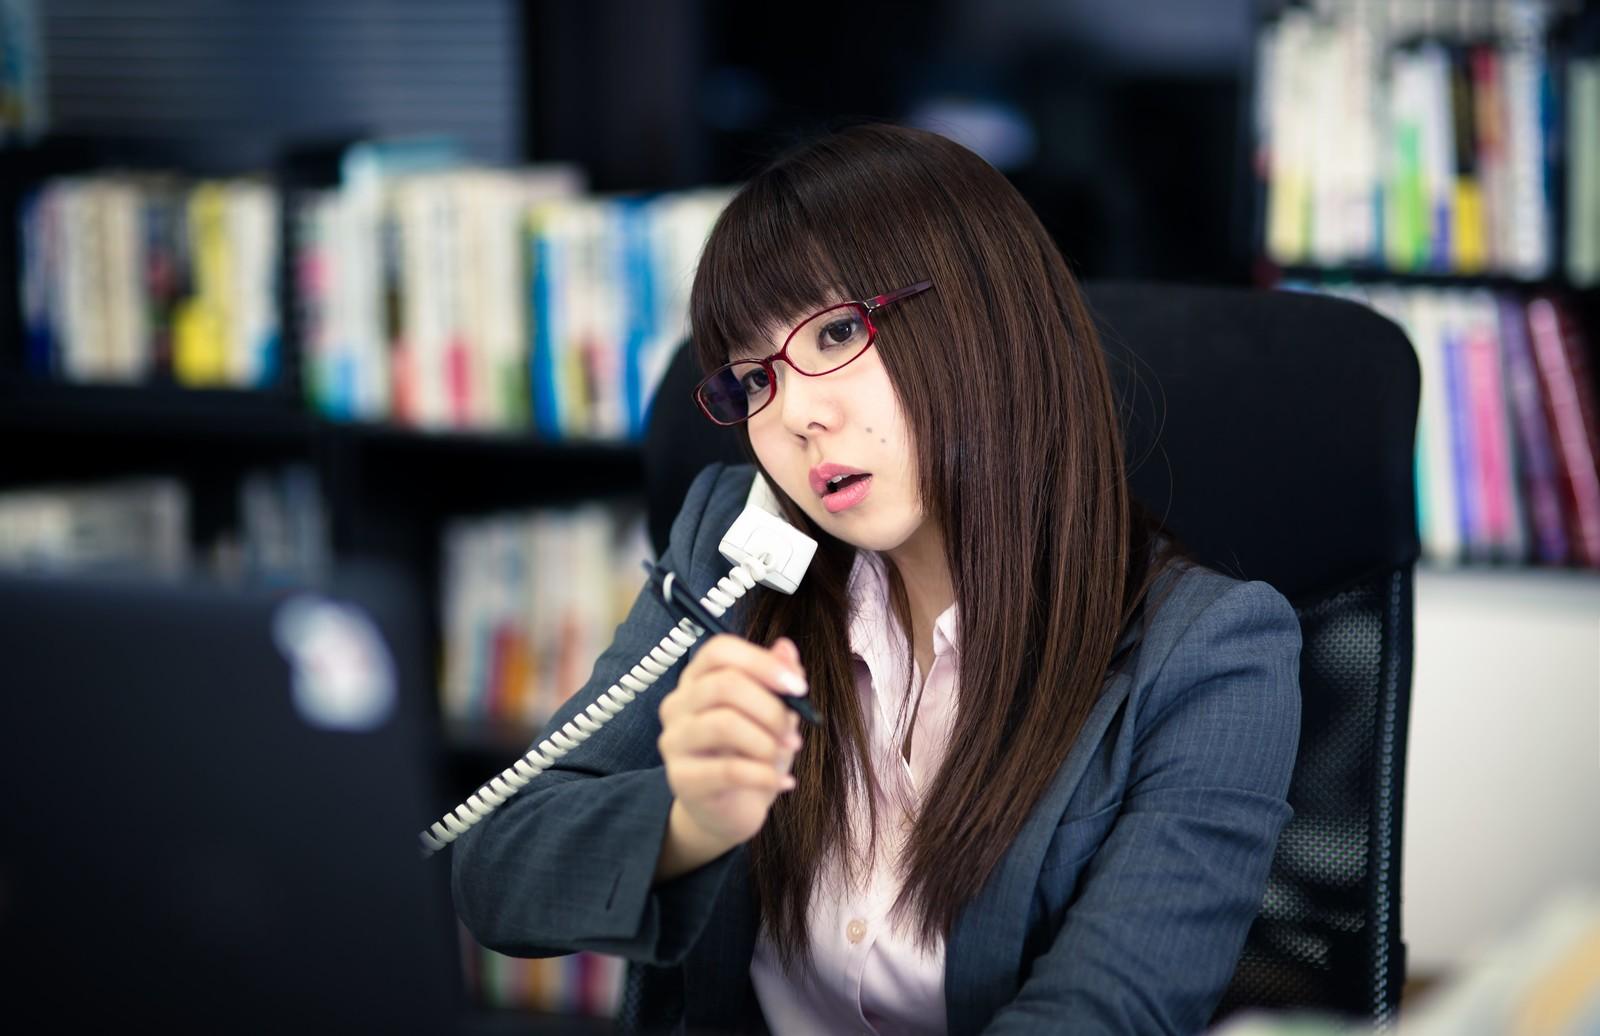 派遣として働く場合の事務の仕事内容、正社員との違いは?